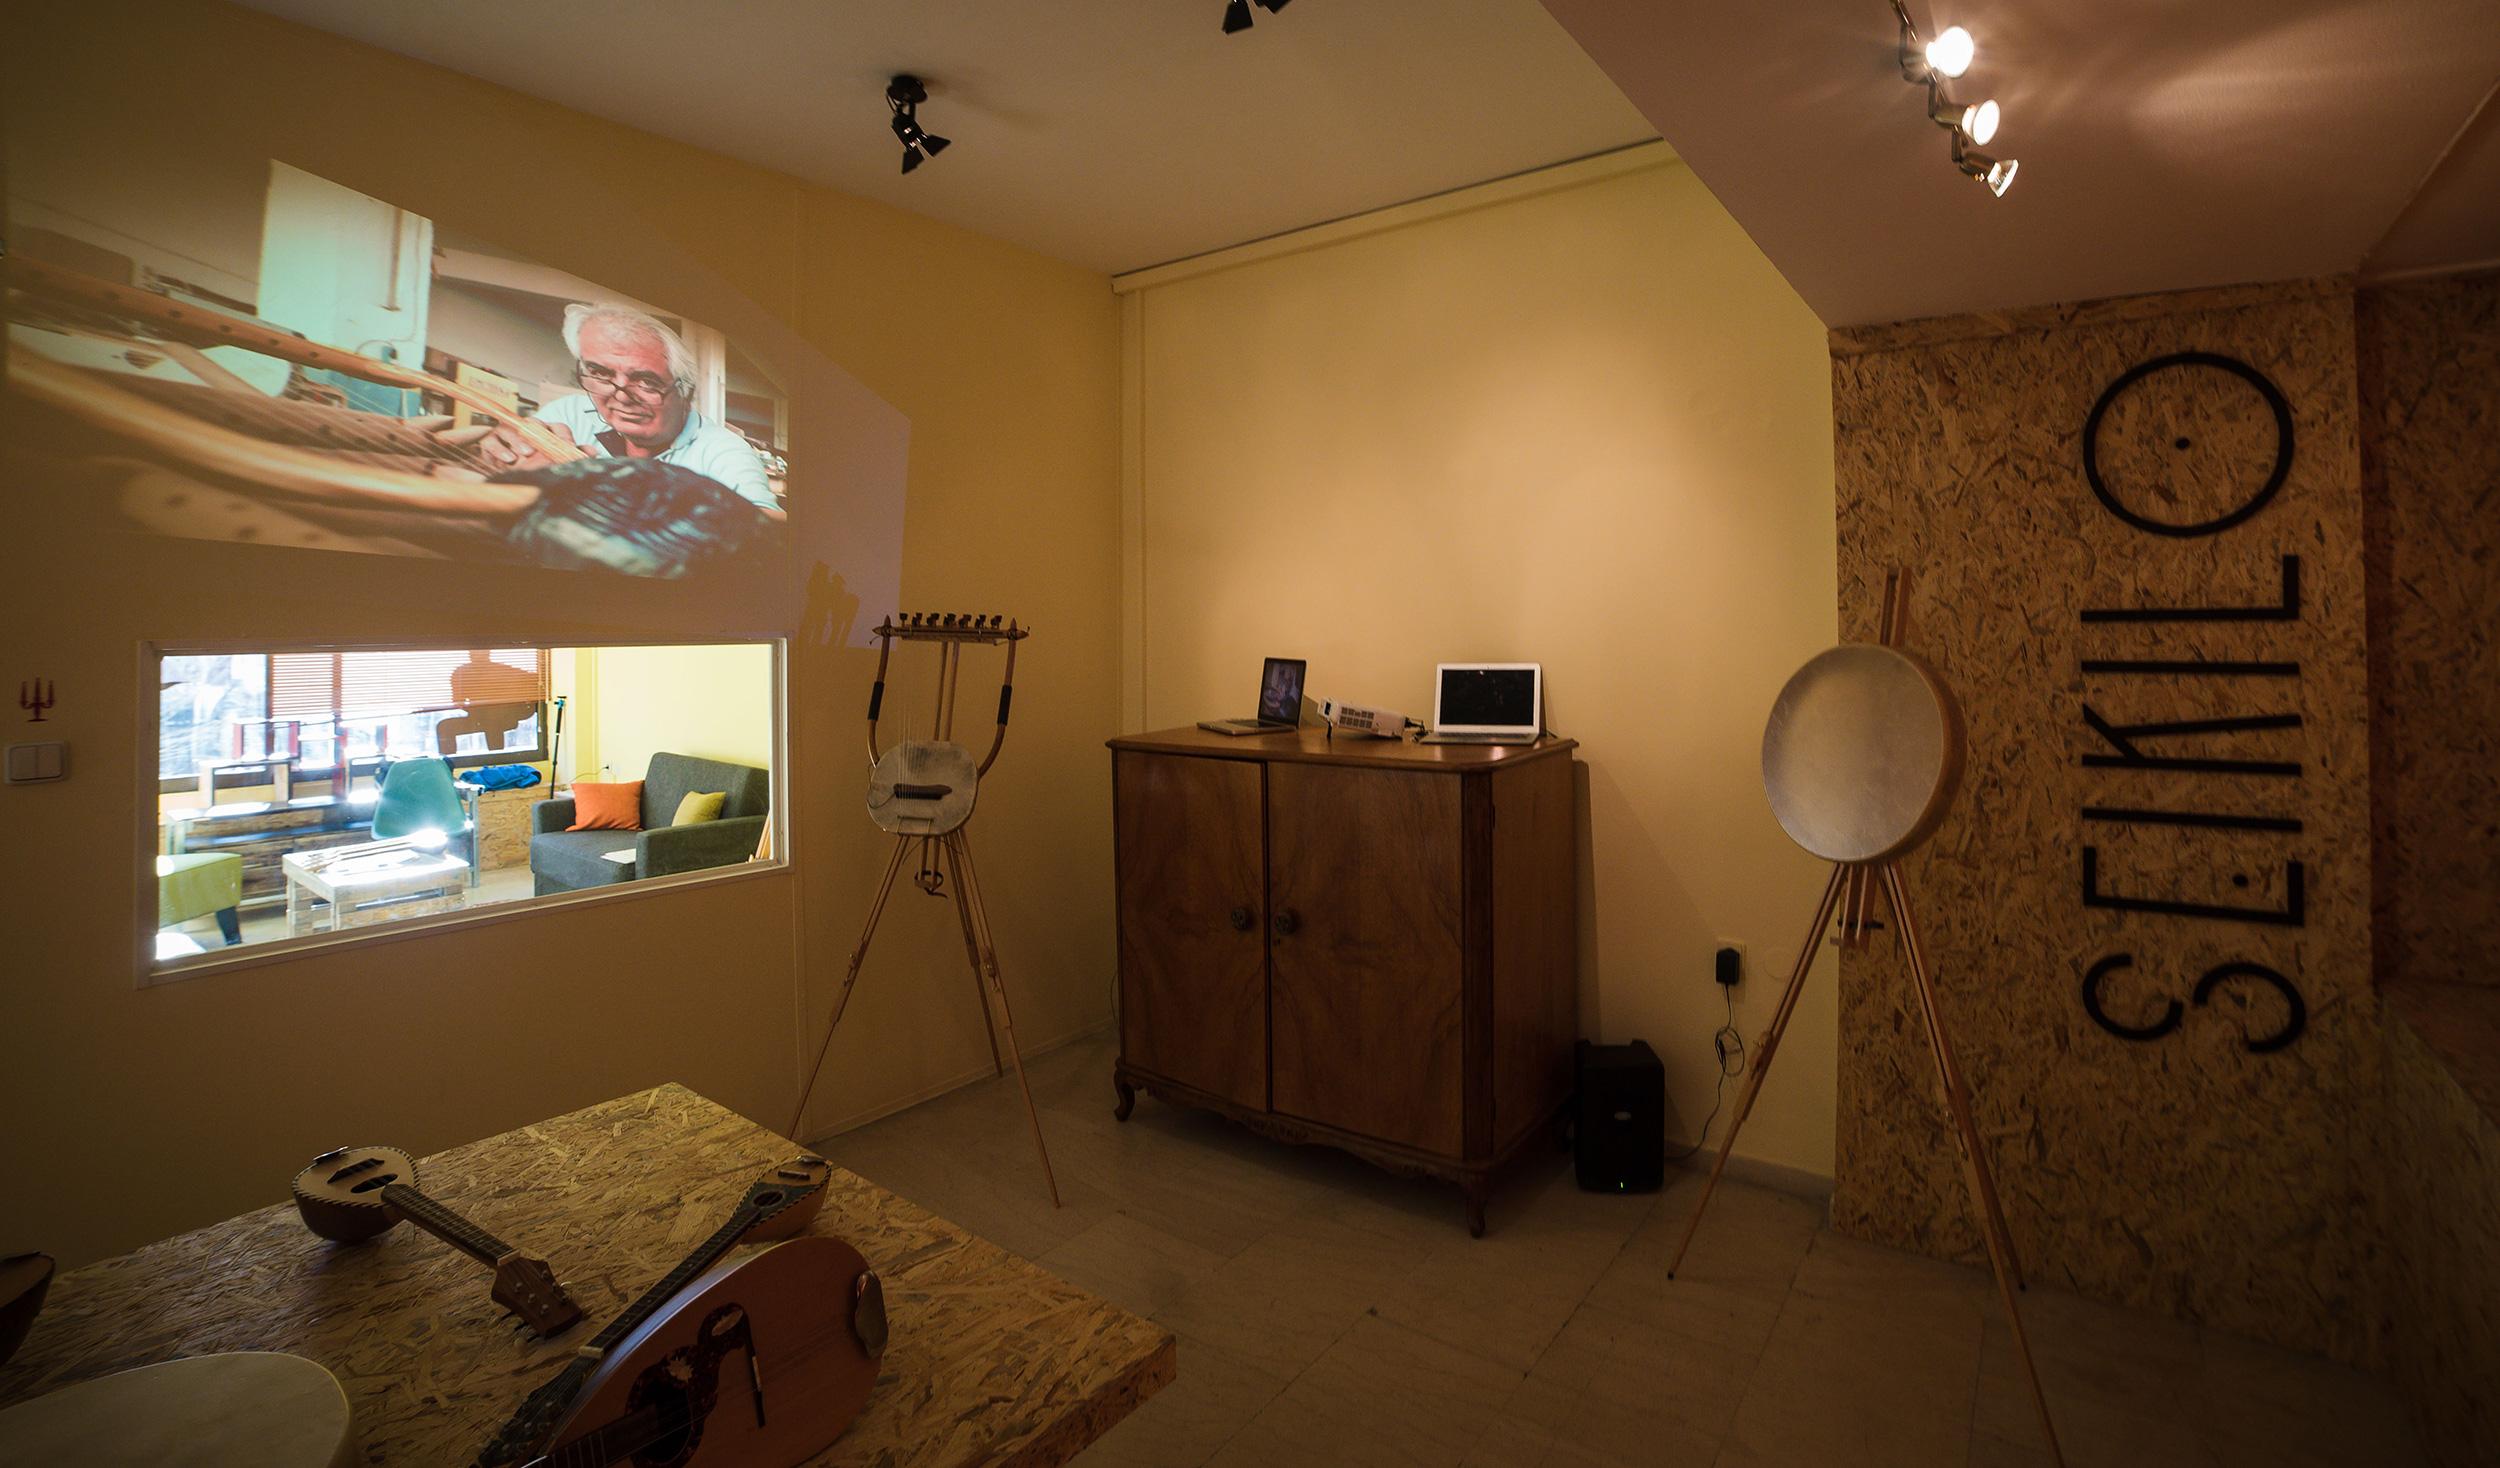 εκθεσιακός χώρος, πολυχώρος SEIKILO (Σείκιλος), www.seikilo.com